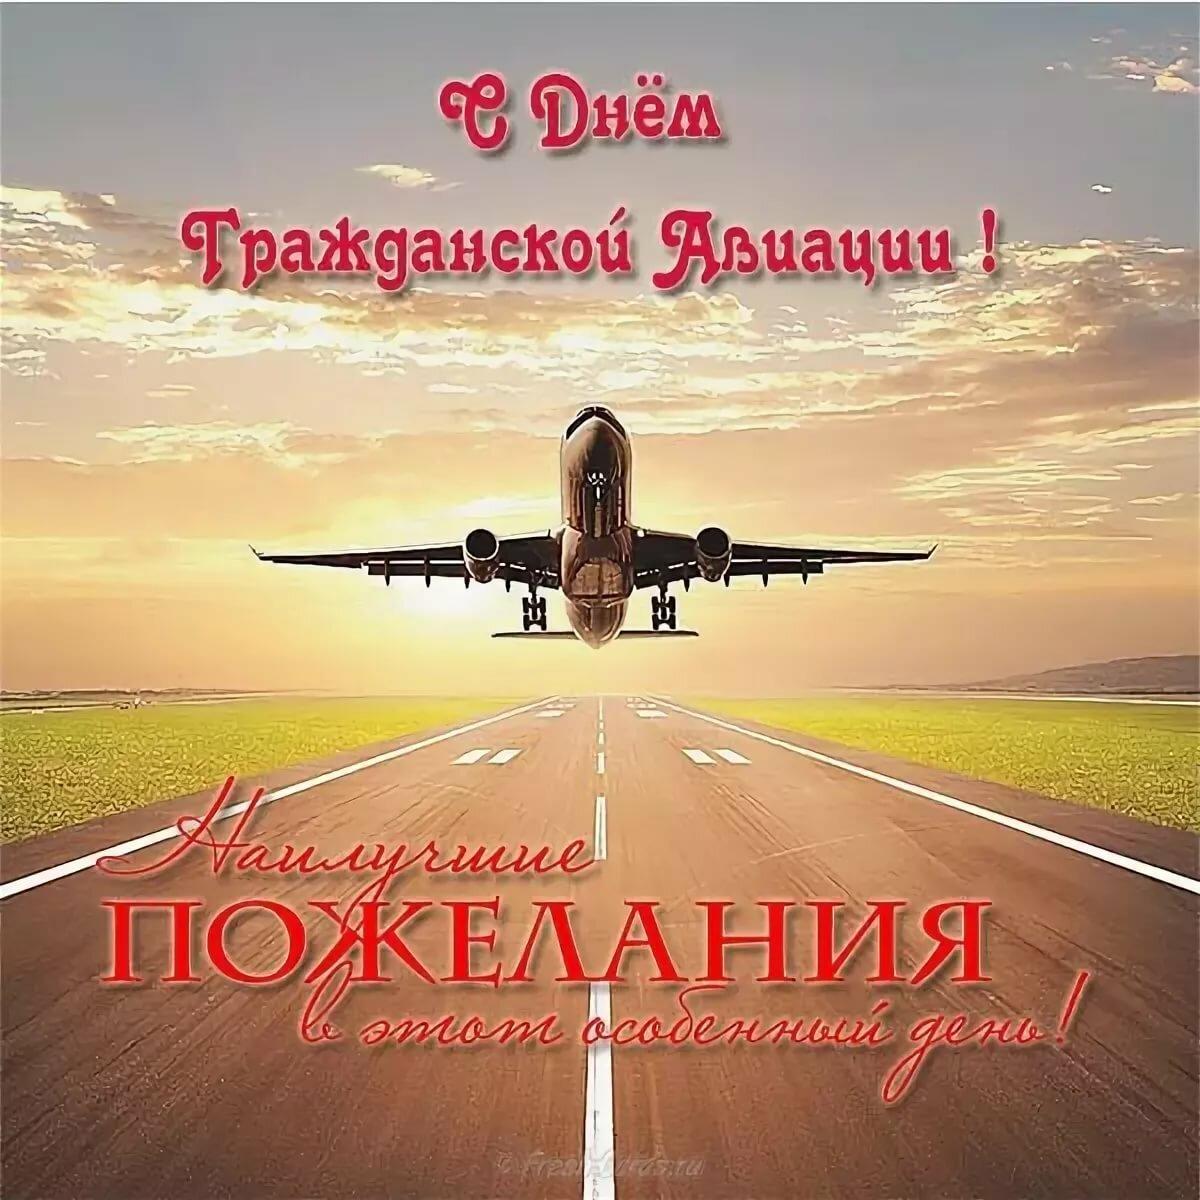 Открытки с день гражданской авиации, связистам февраля